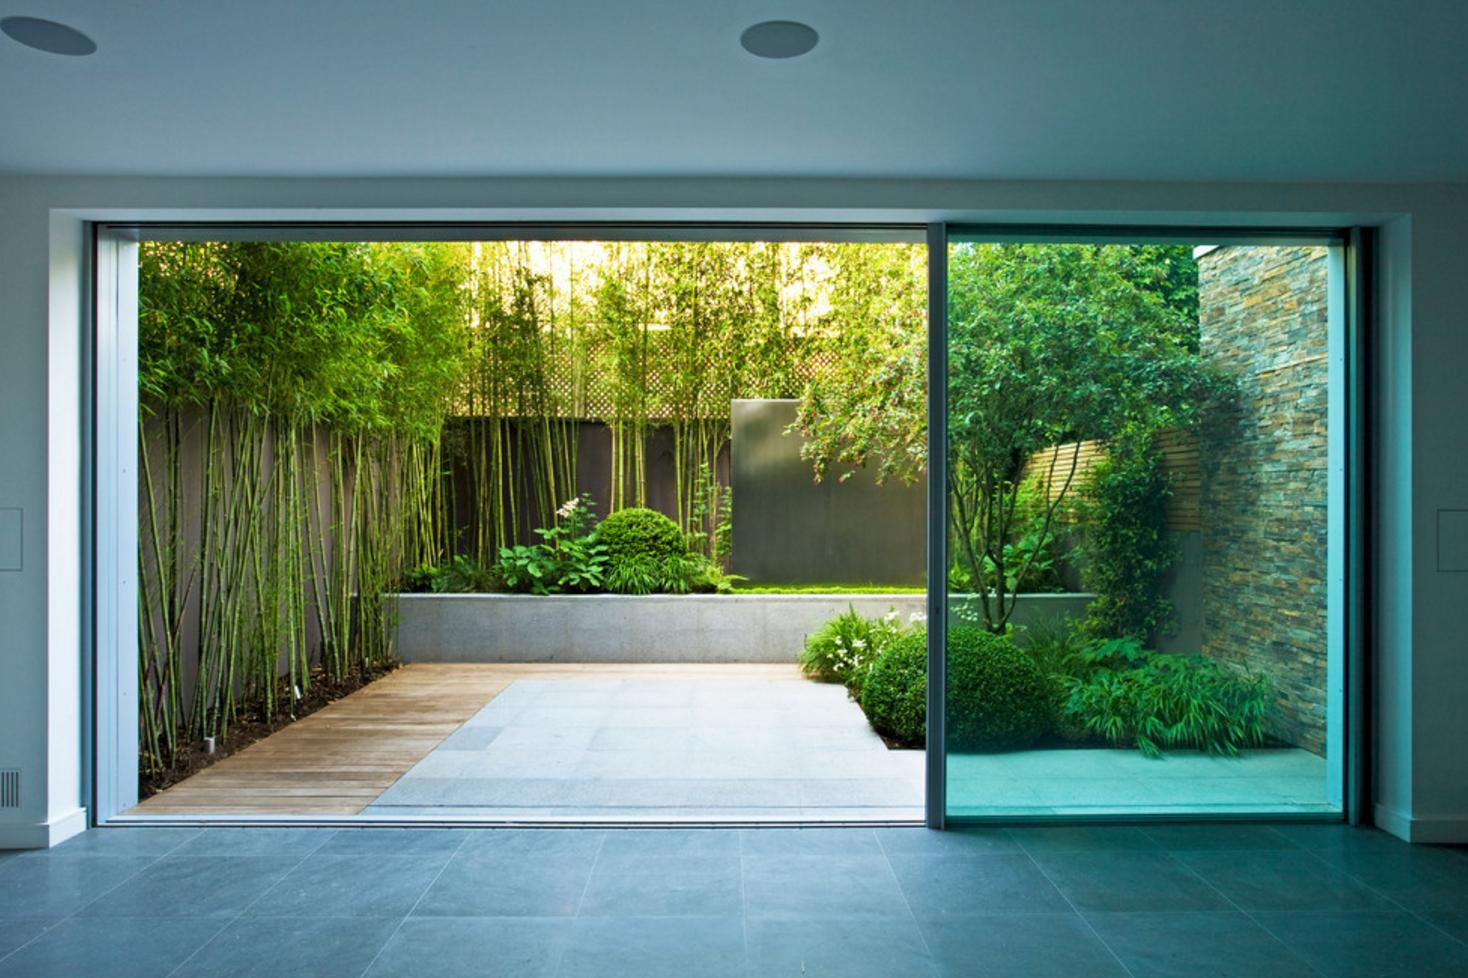 Pin von Bonanza KhaoYai auf Small Gardens | Pinterest | Terrasse und ...